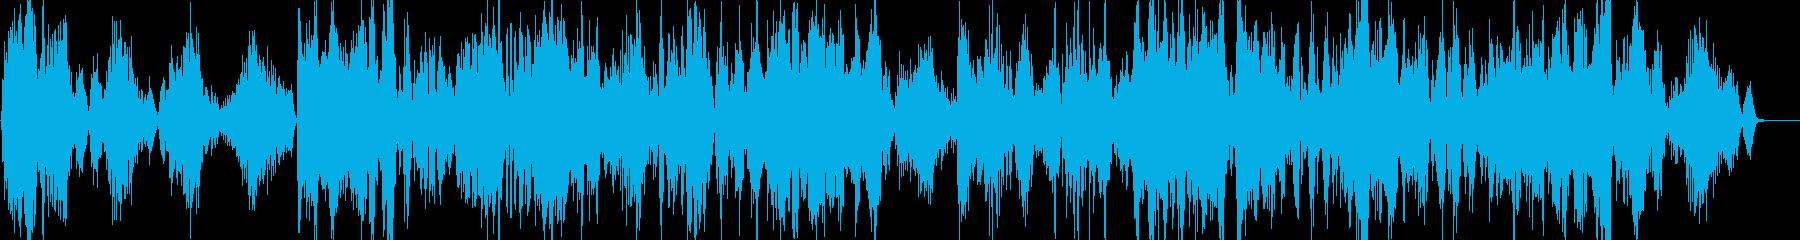 クラシック 感情的 楽しげ クール...の再生済みの波形